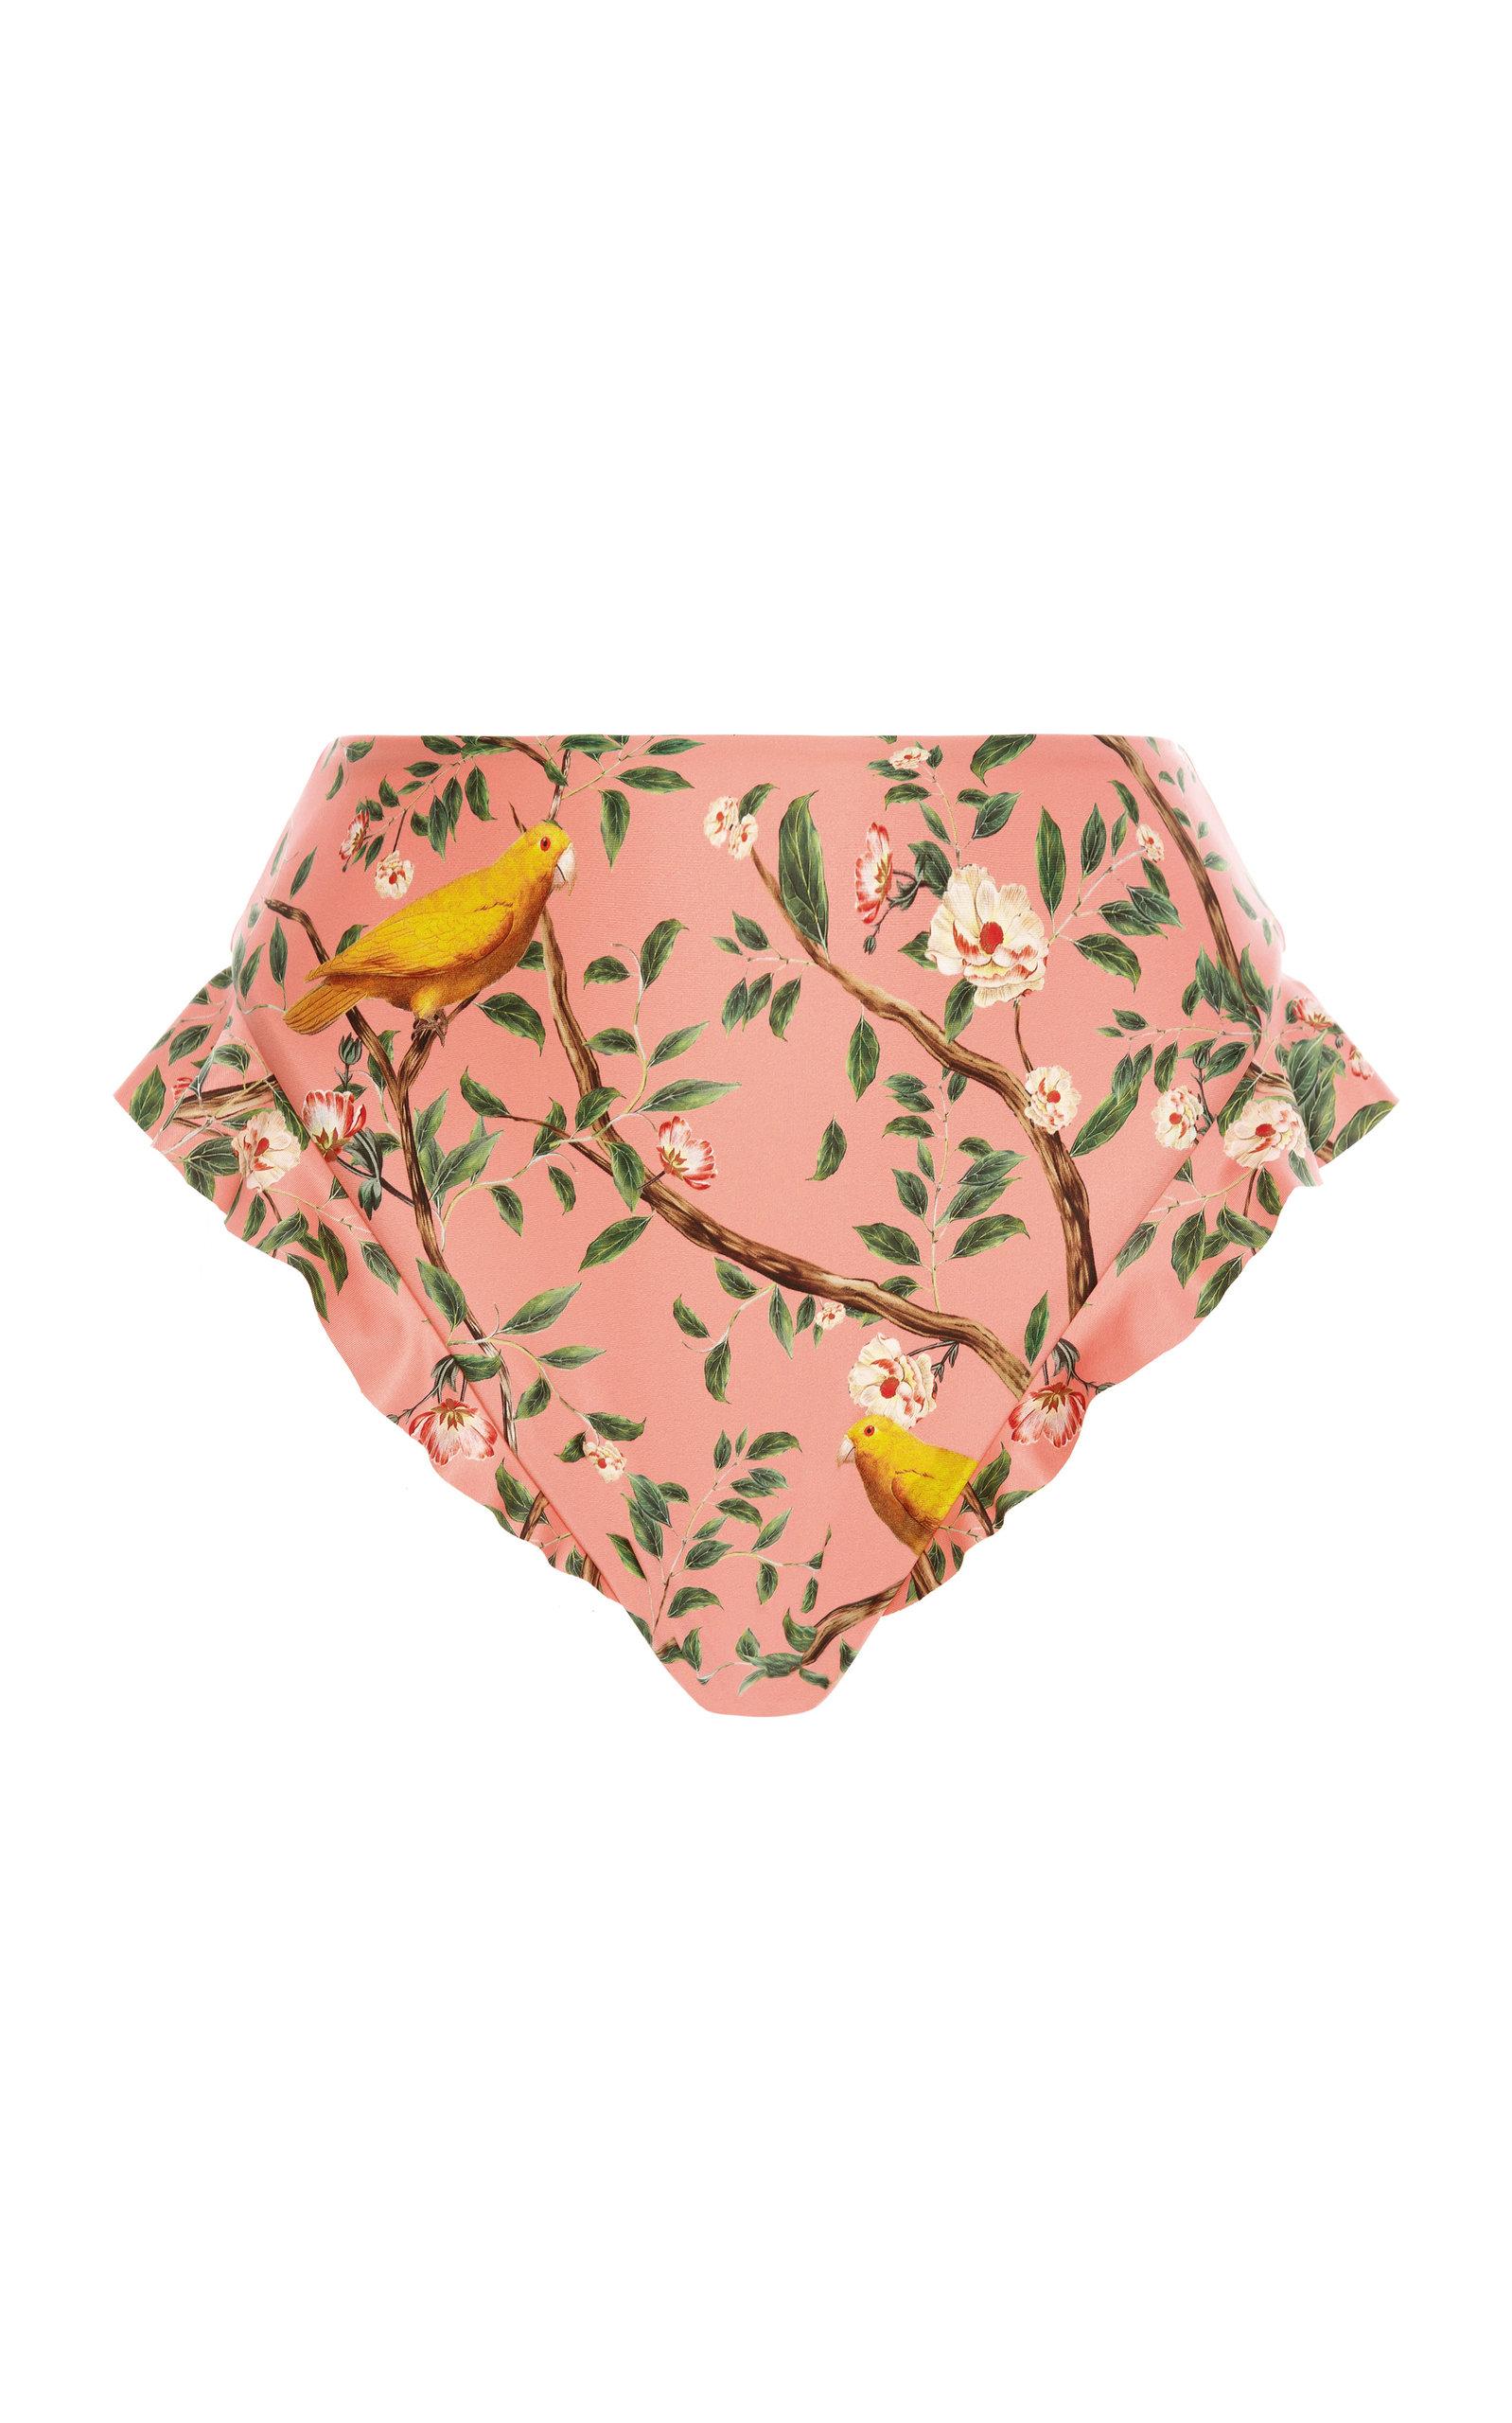 Women's Jengibre Ruffled Printed Bikini Bottom